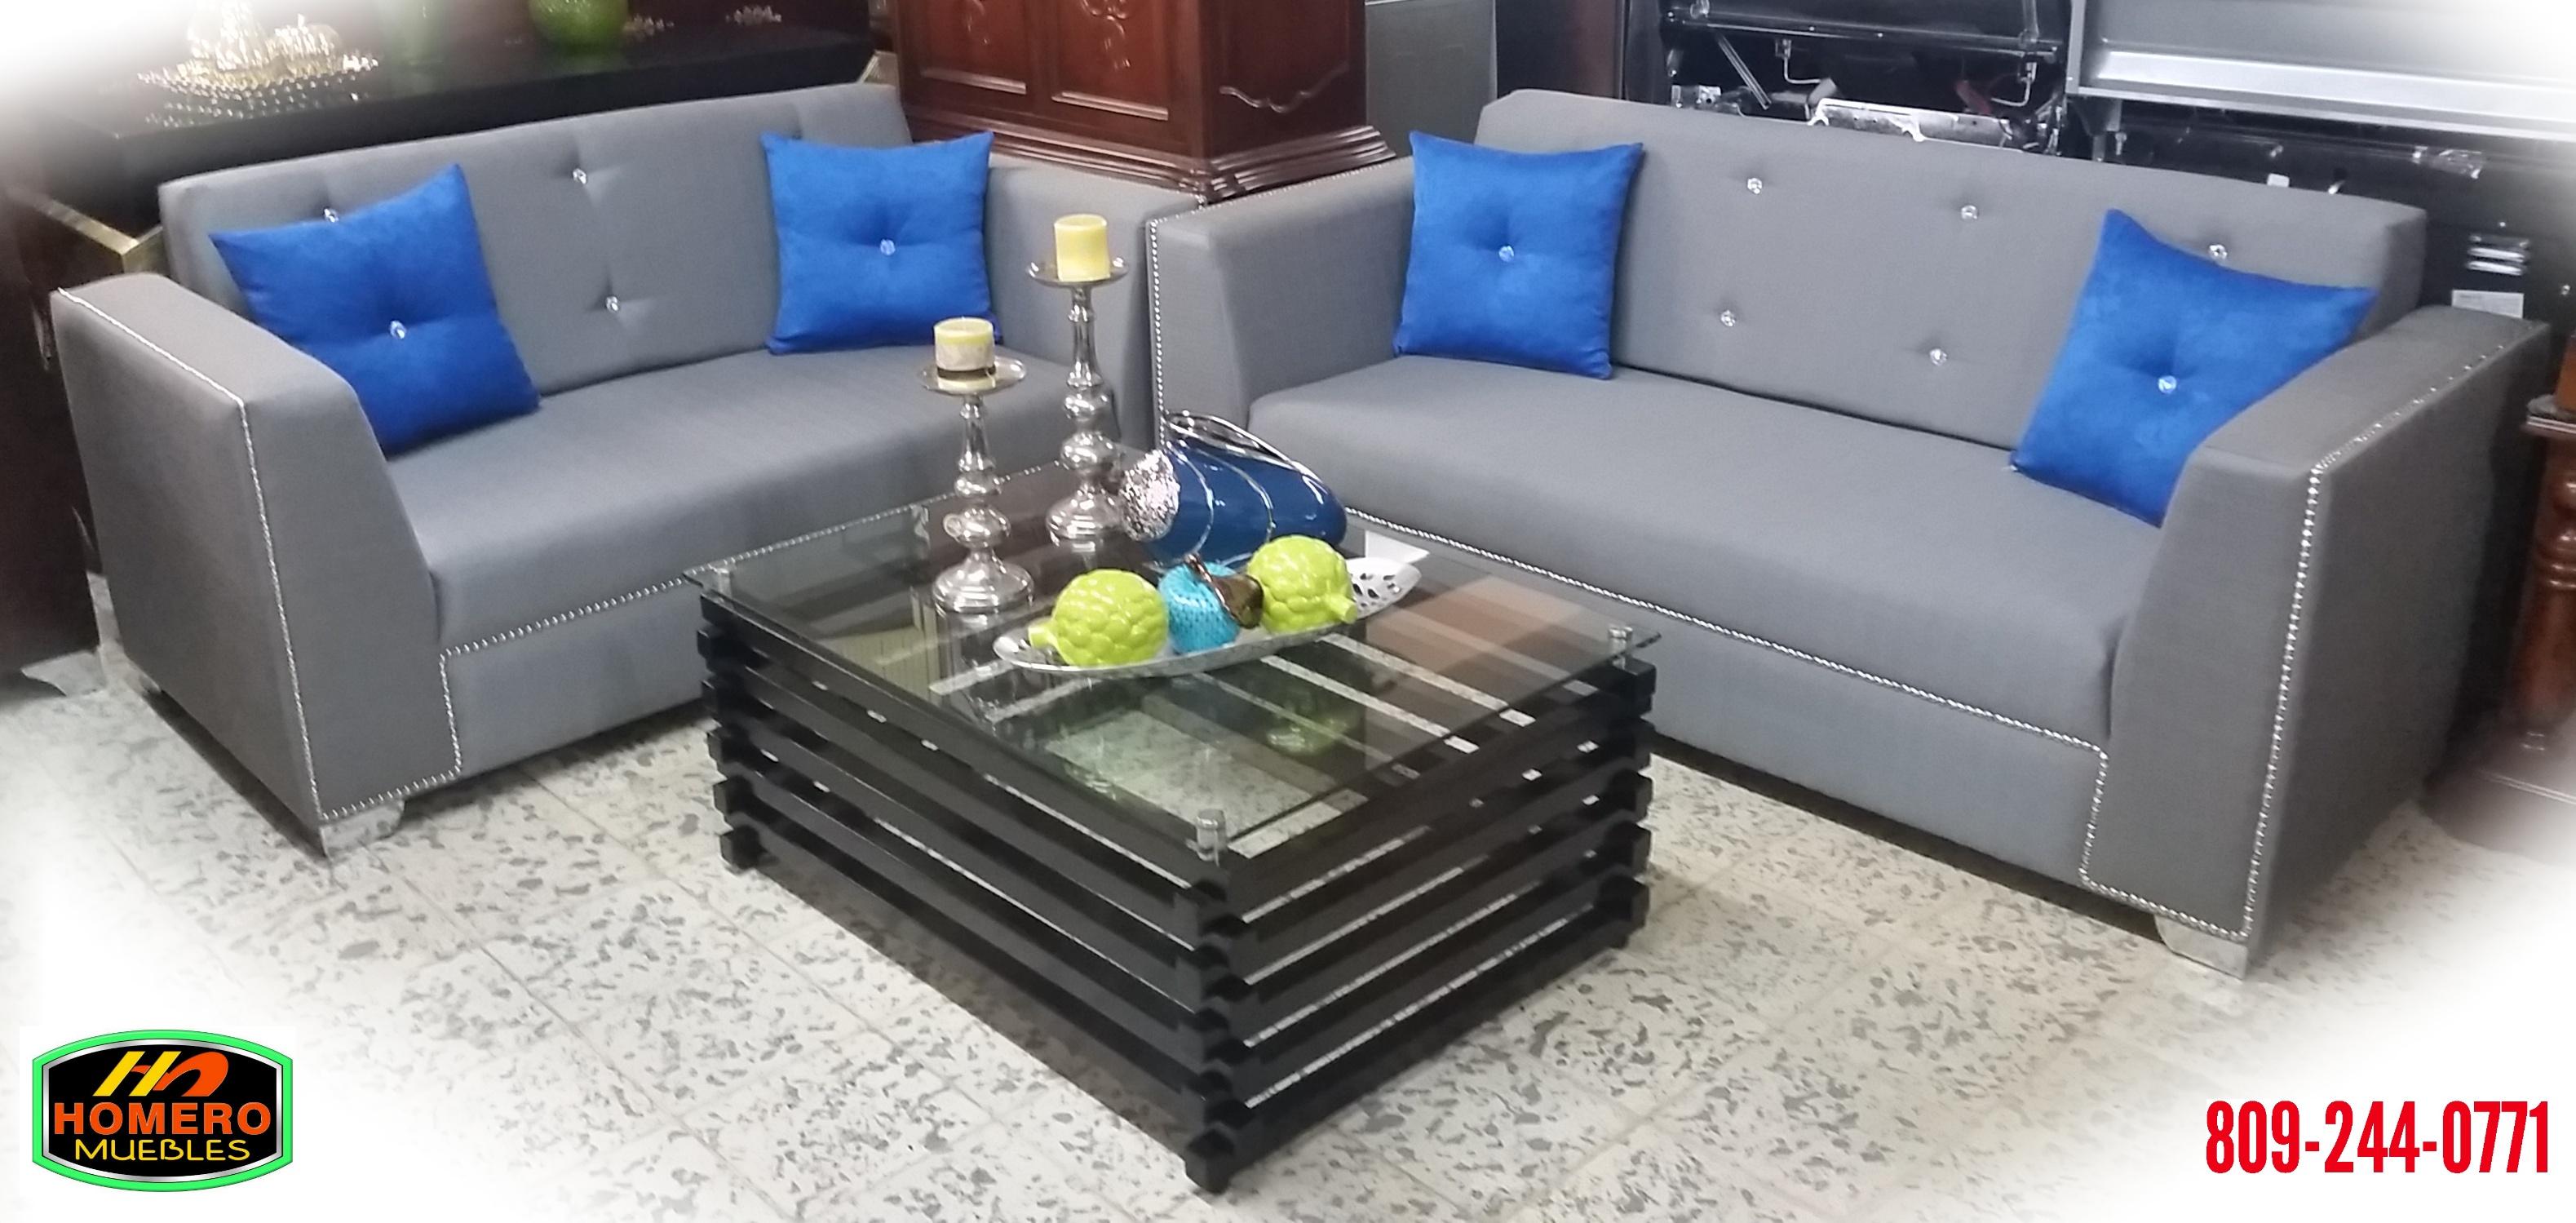 Homero muebles set de sala for Muebles contemporaneos 2016